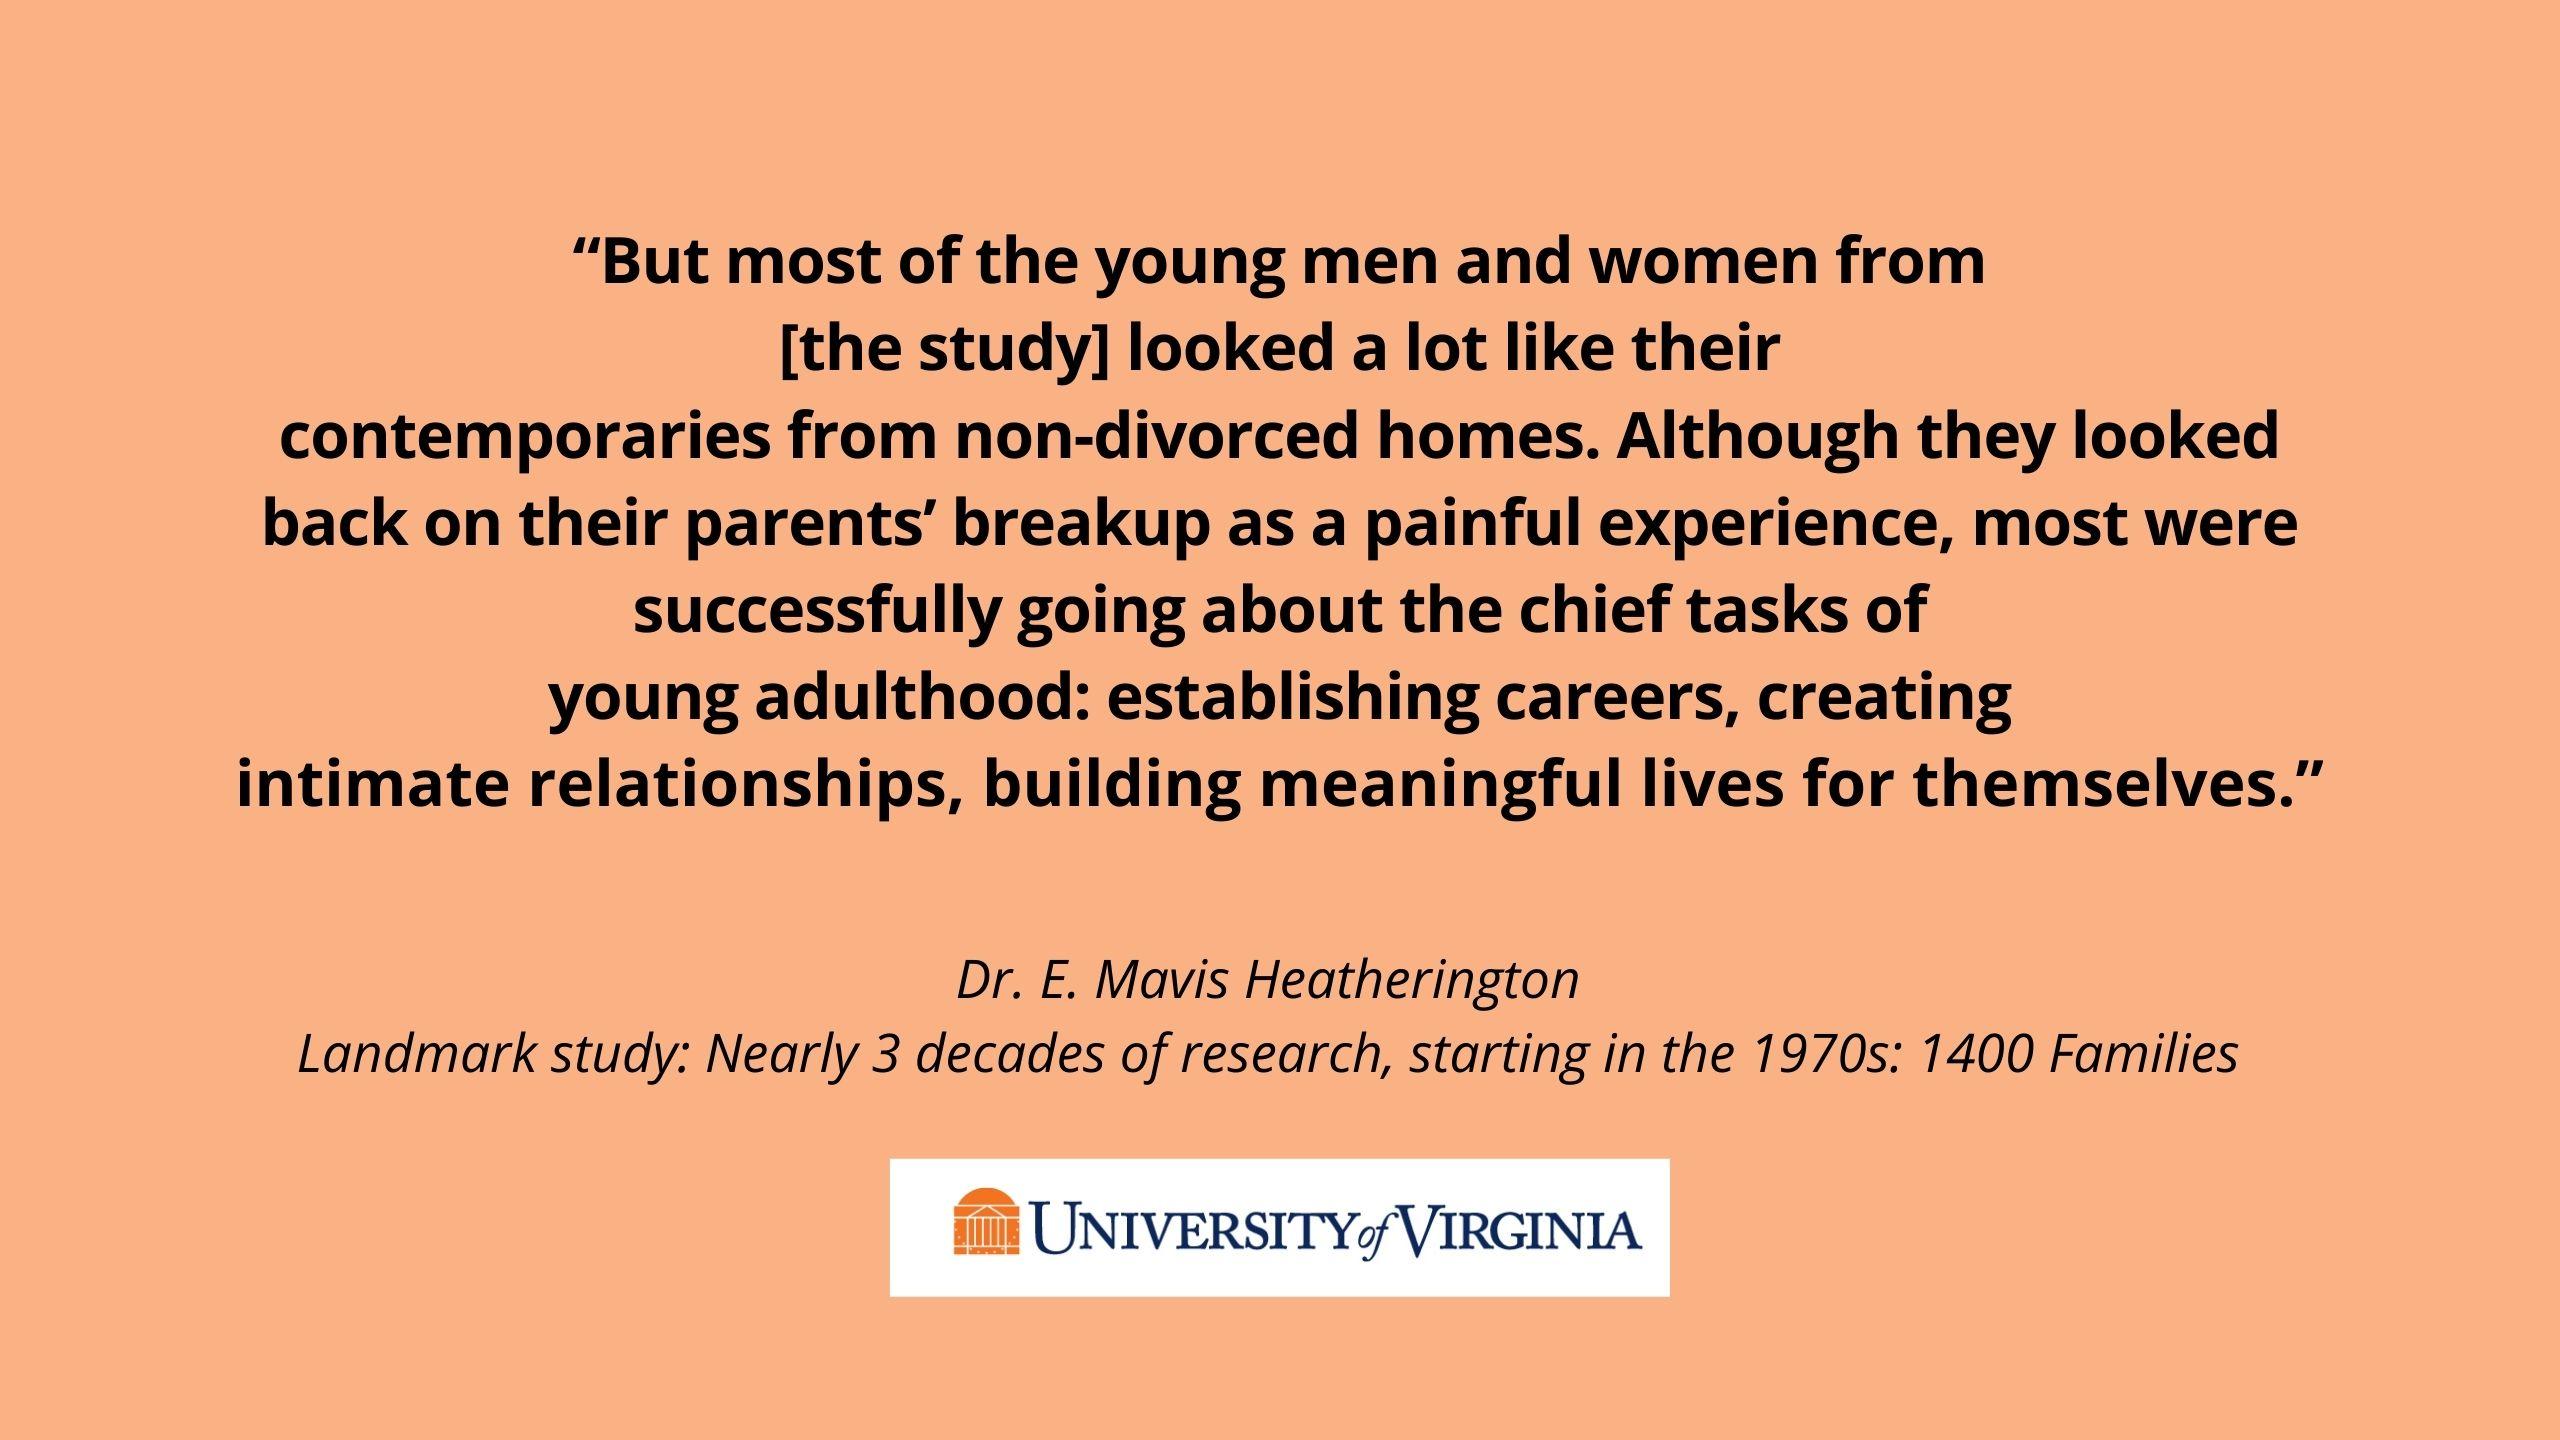 Dr. E. Mavis Heatherington (2)